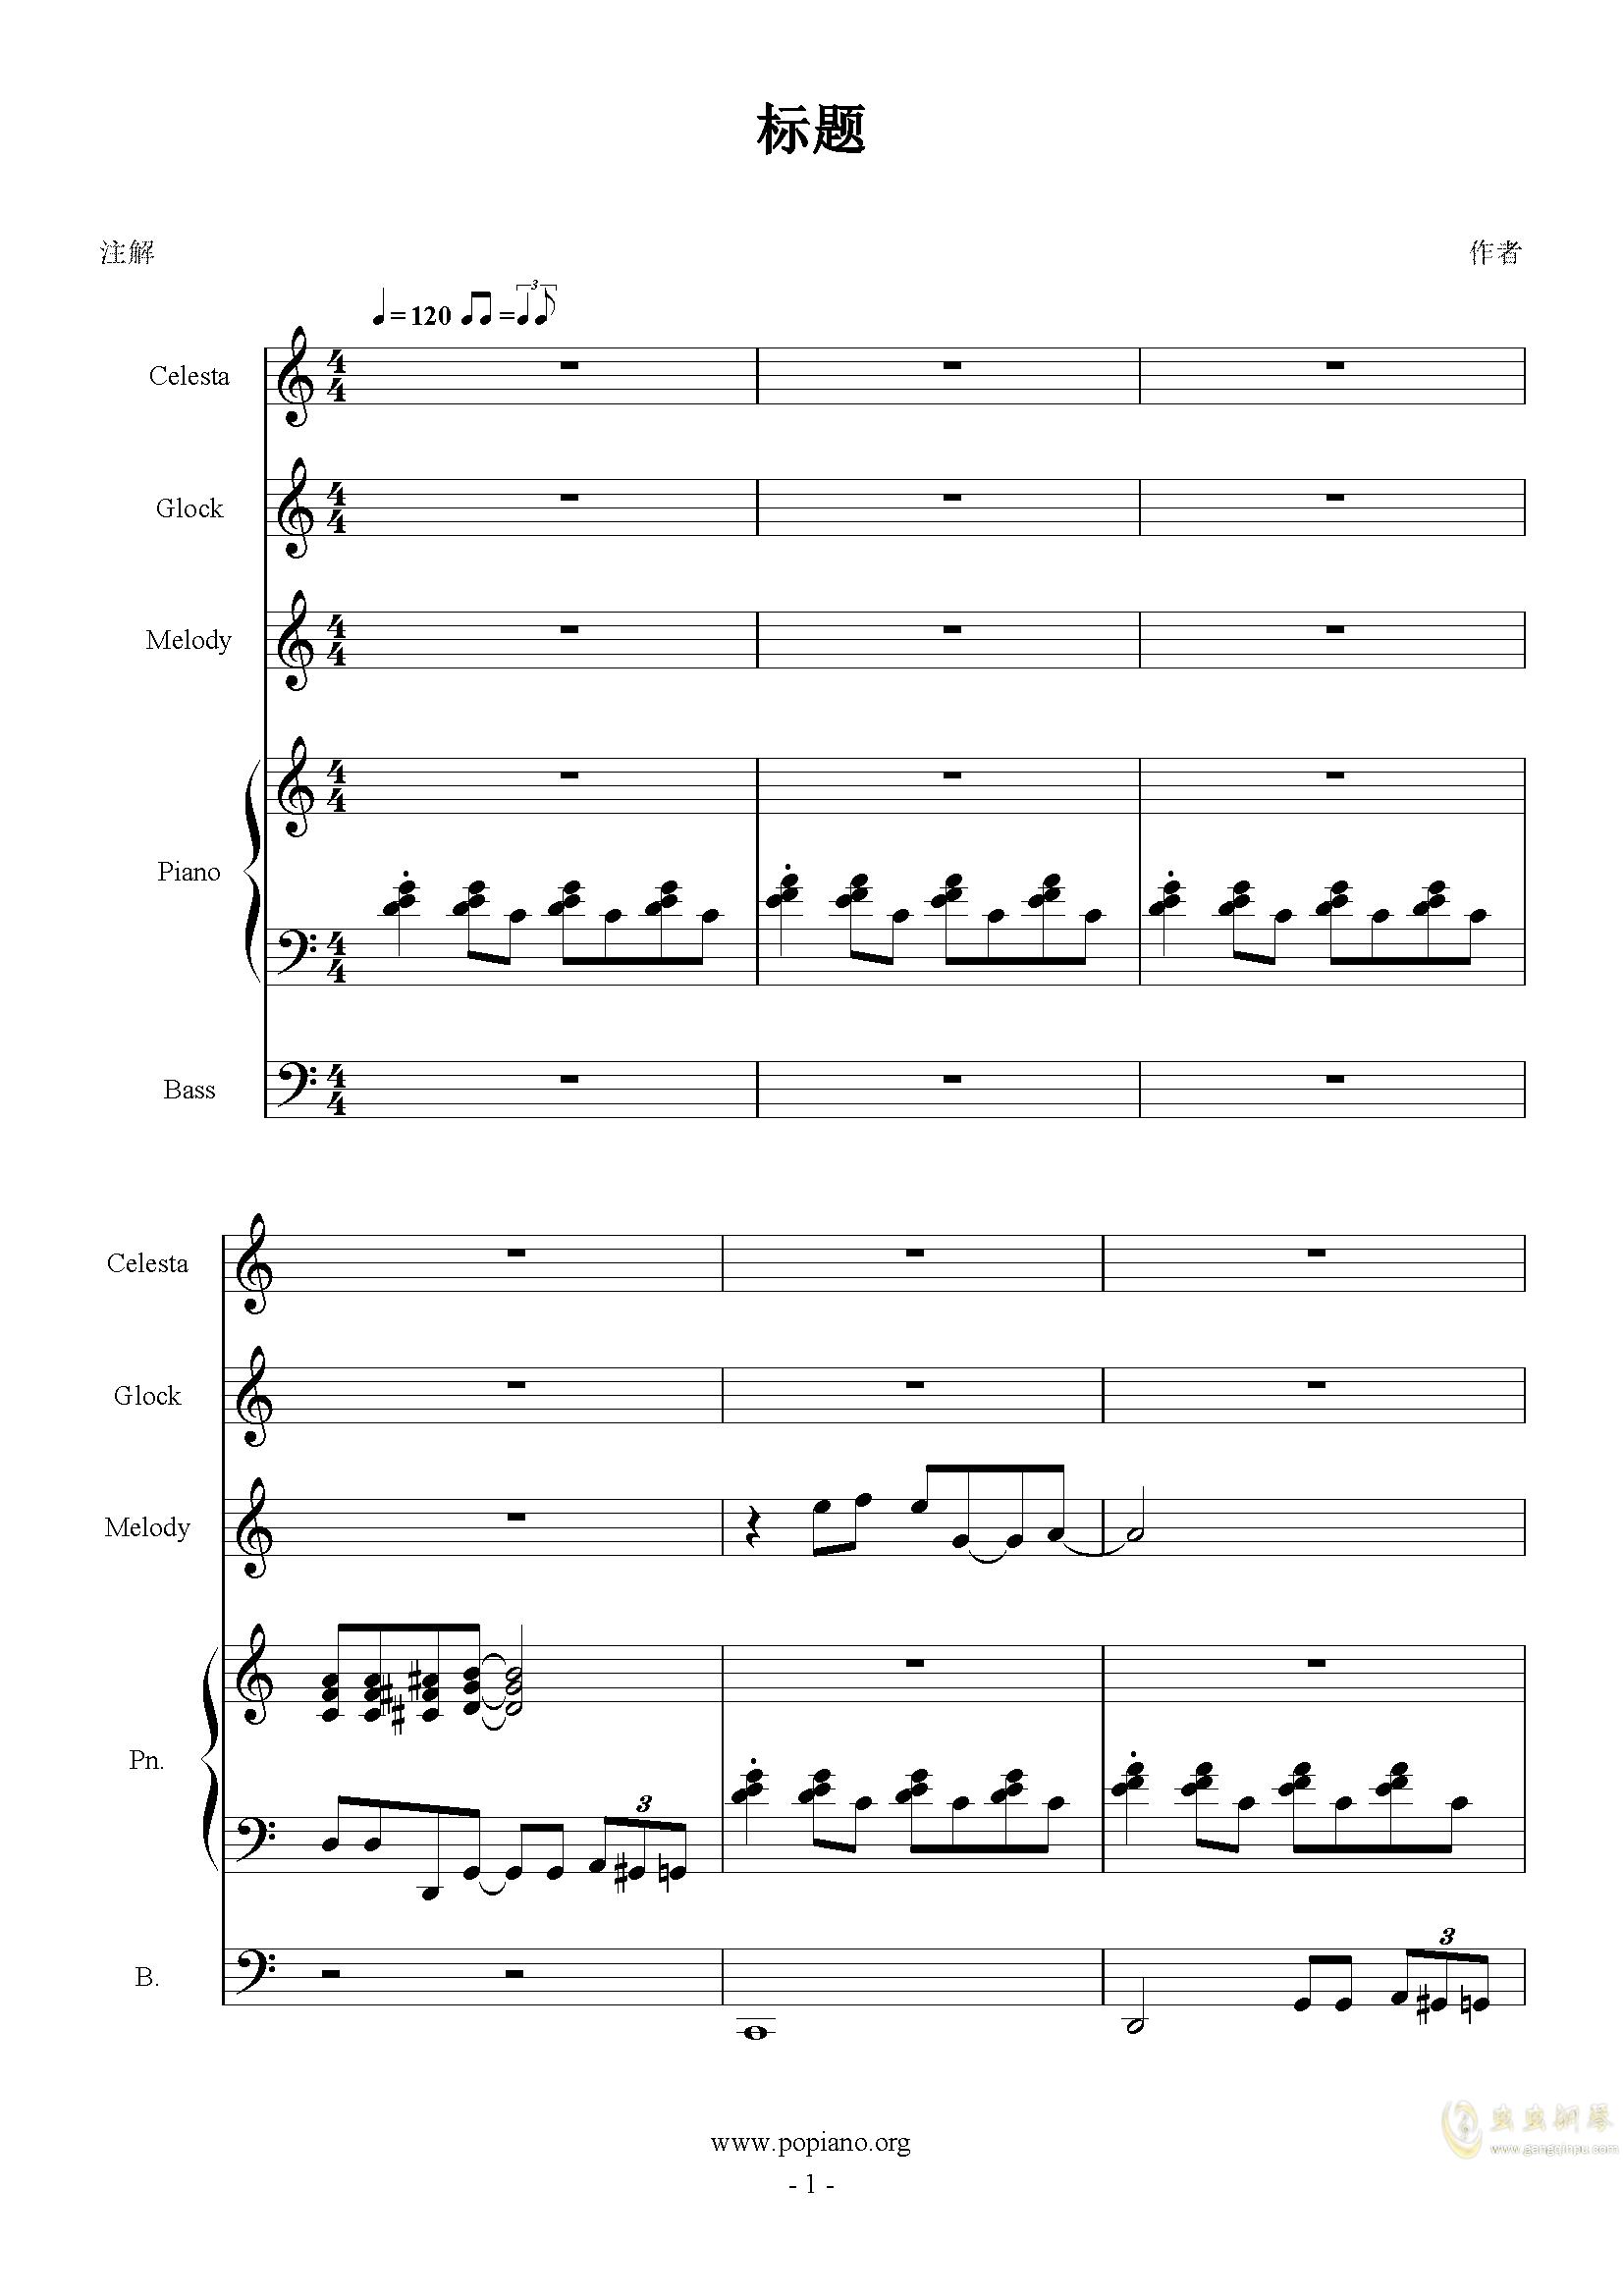 胡思乱想肥皂泡钢琴谱 第1页